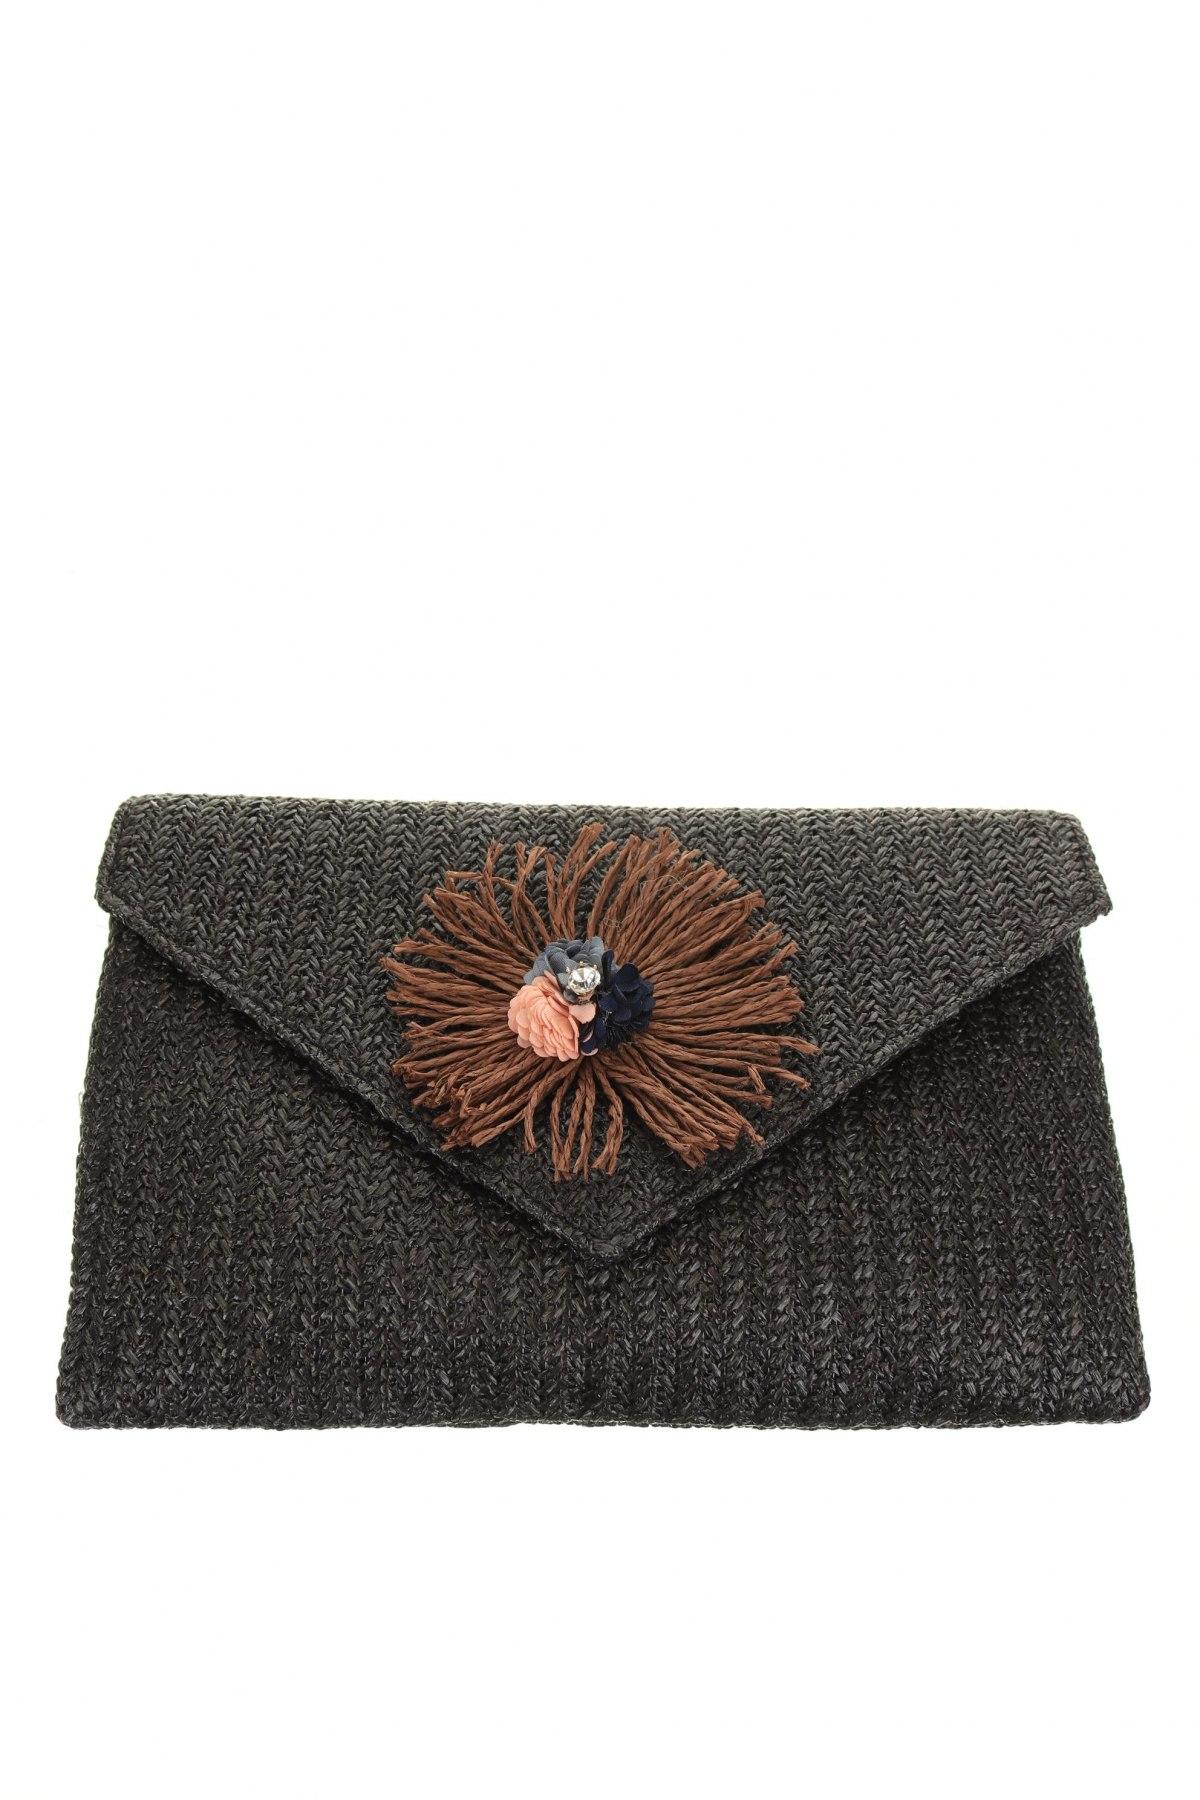 Дамска чанта Verde, Цвят Черен, Други материали, Цена 44,25лв.